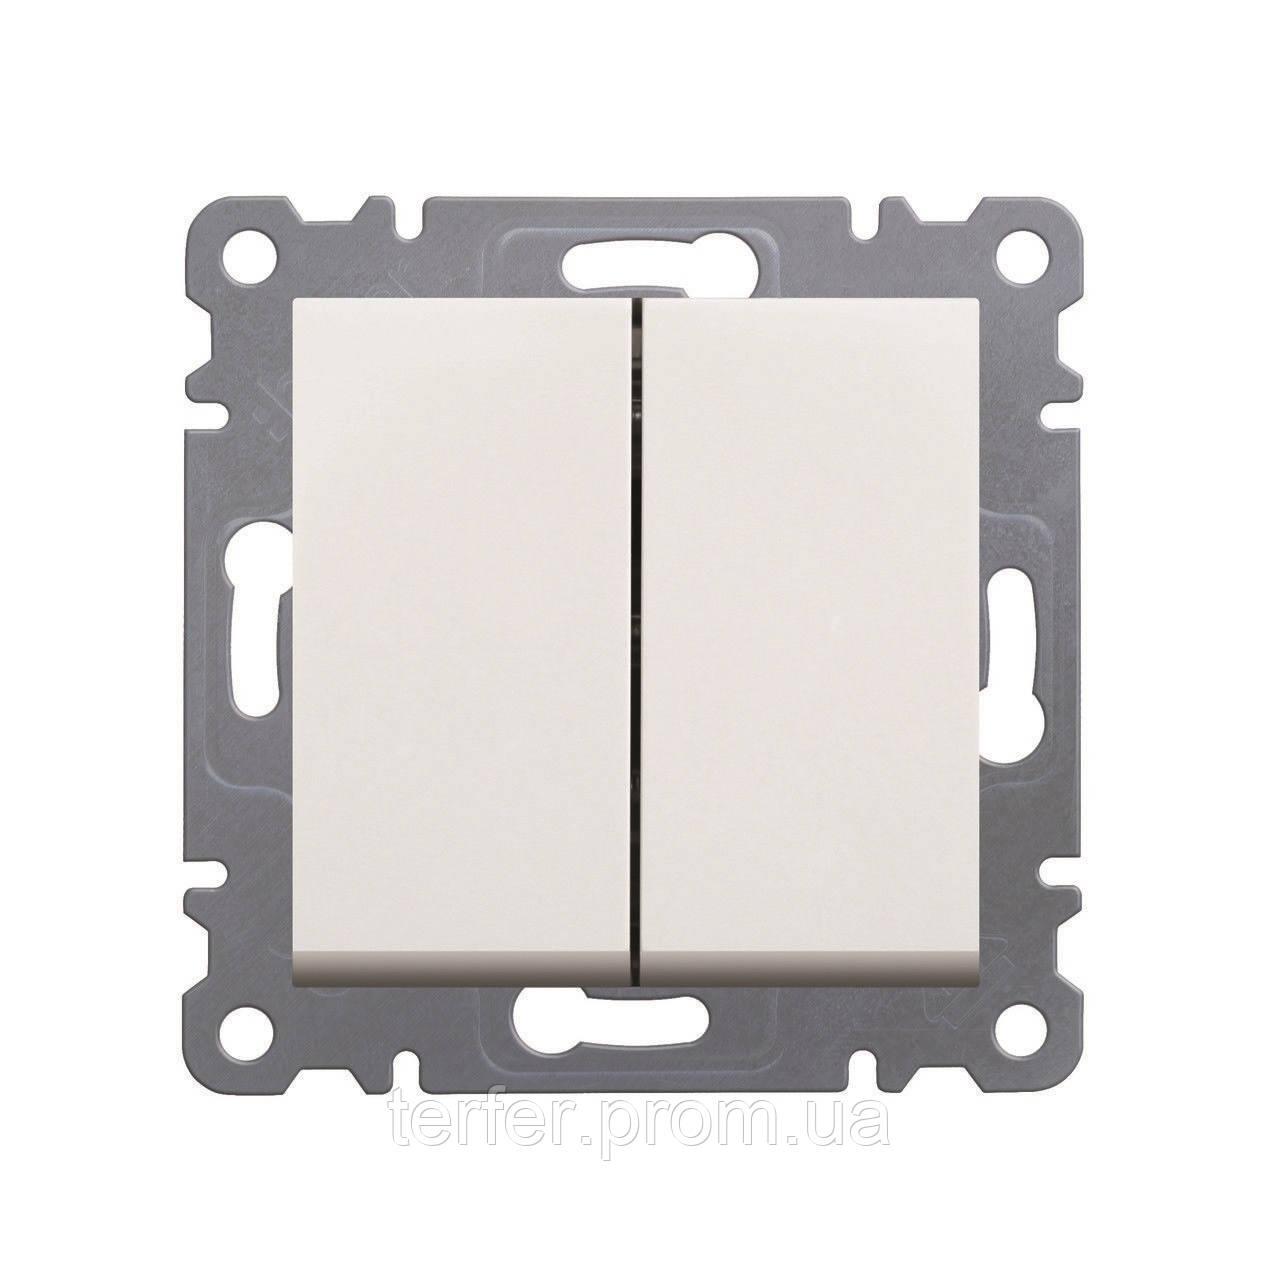 Выключатель 2-кл. универсальный Lumina-2, белый, 10АХ/230В